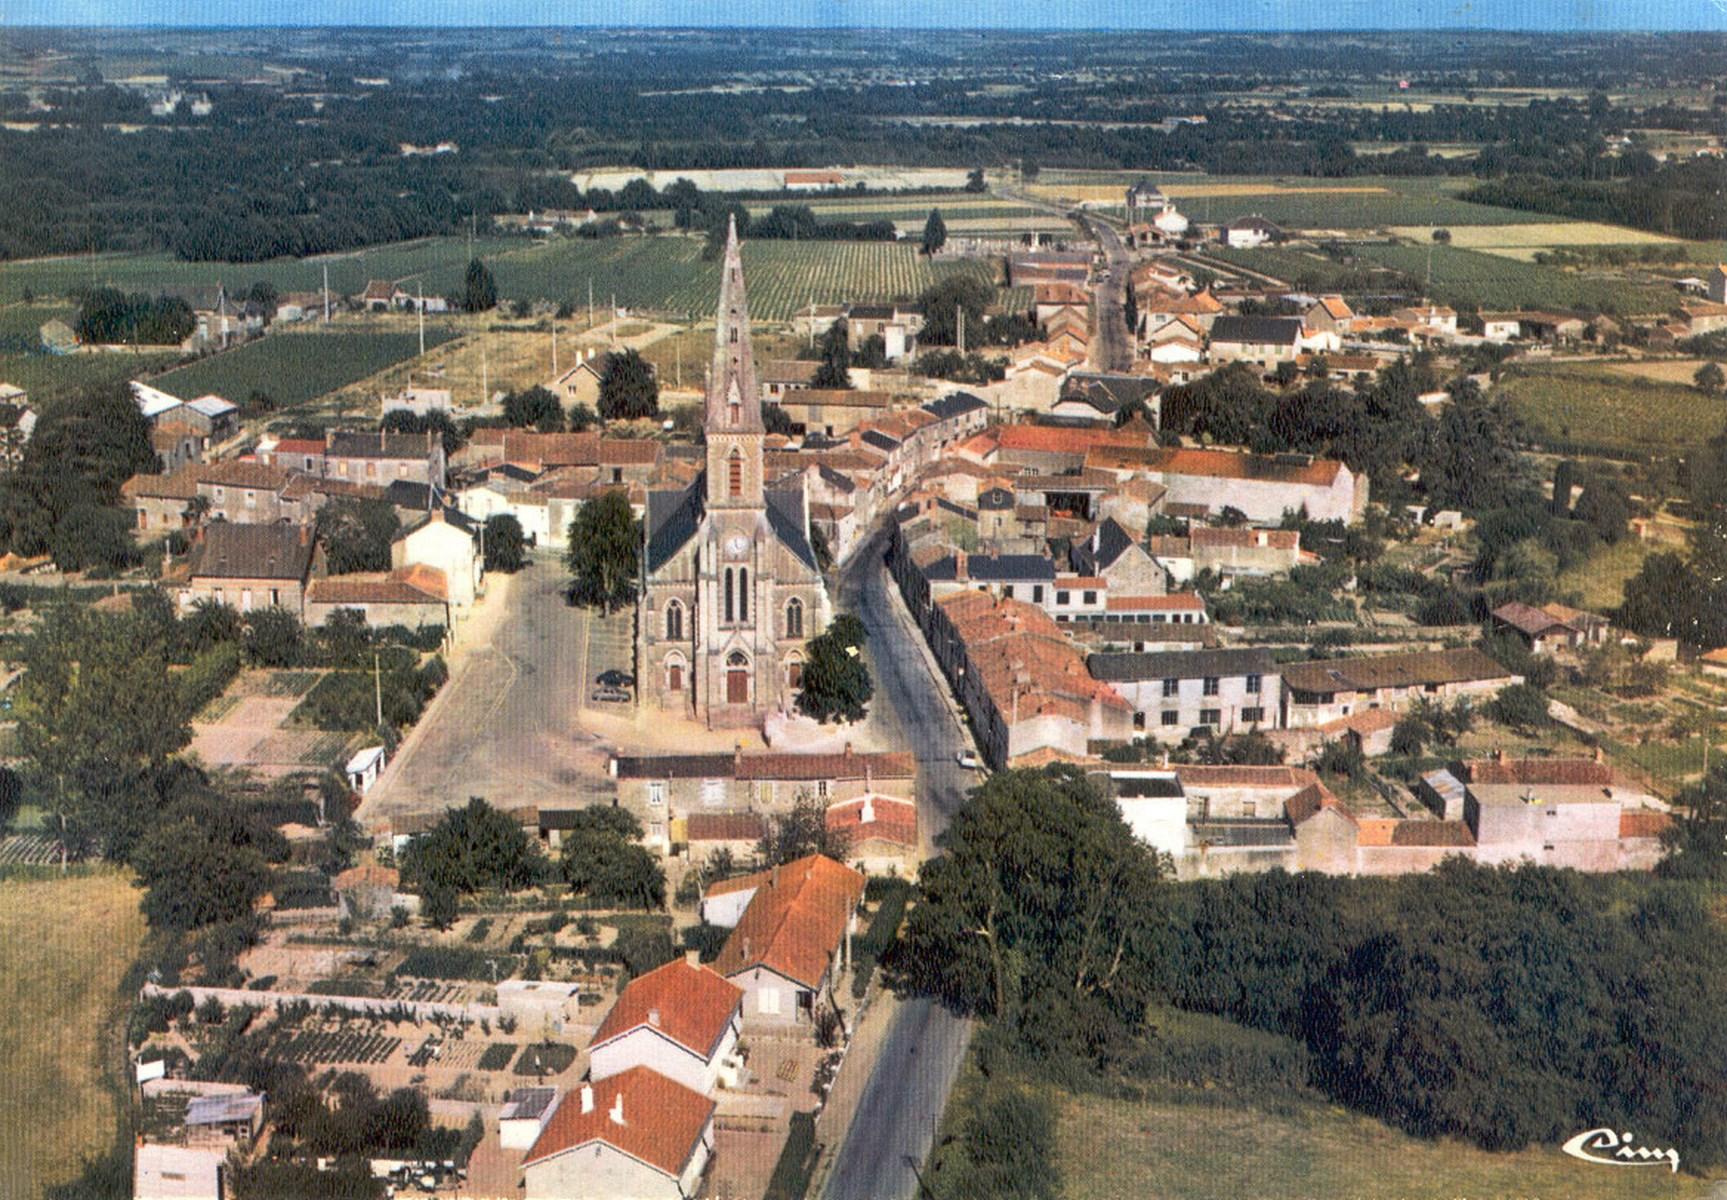 Vue aérienne du centre-bourg